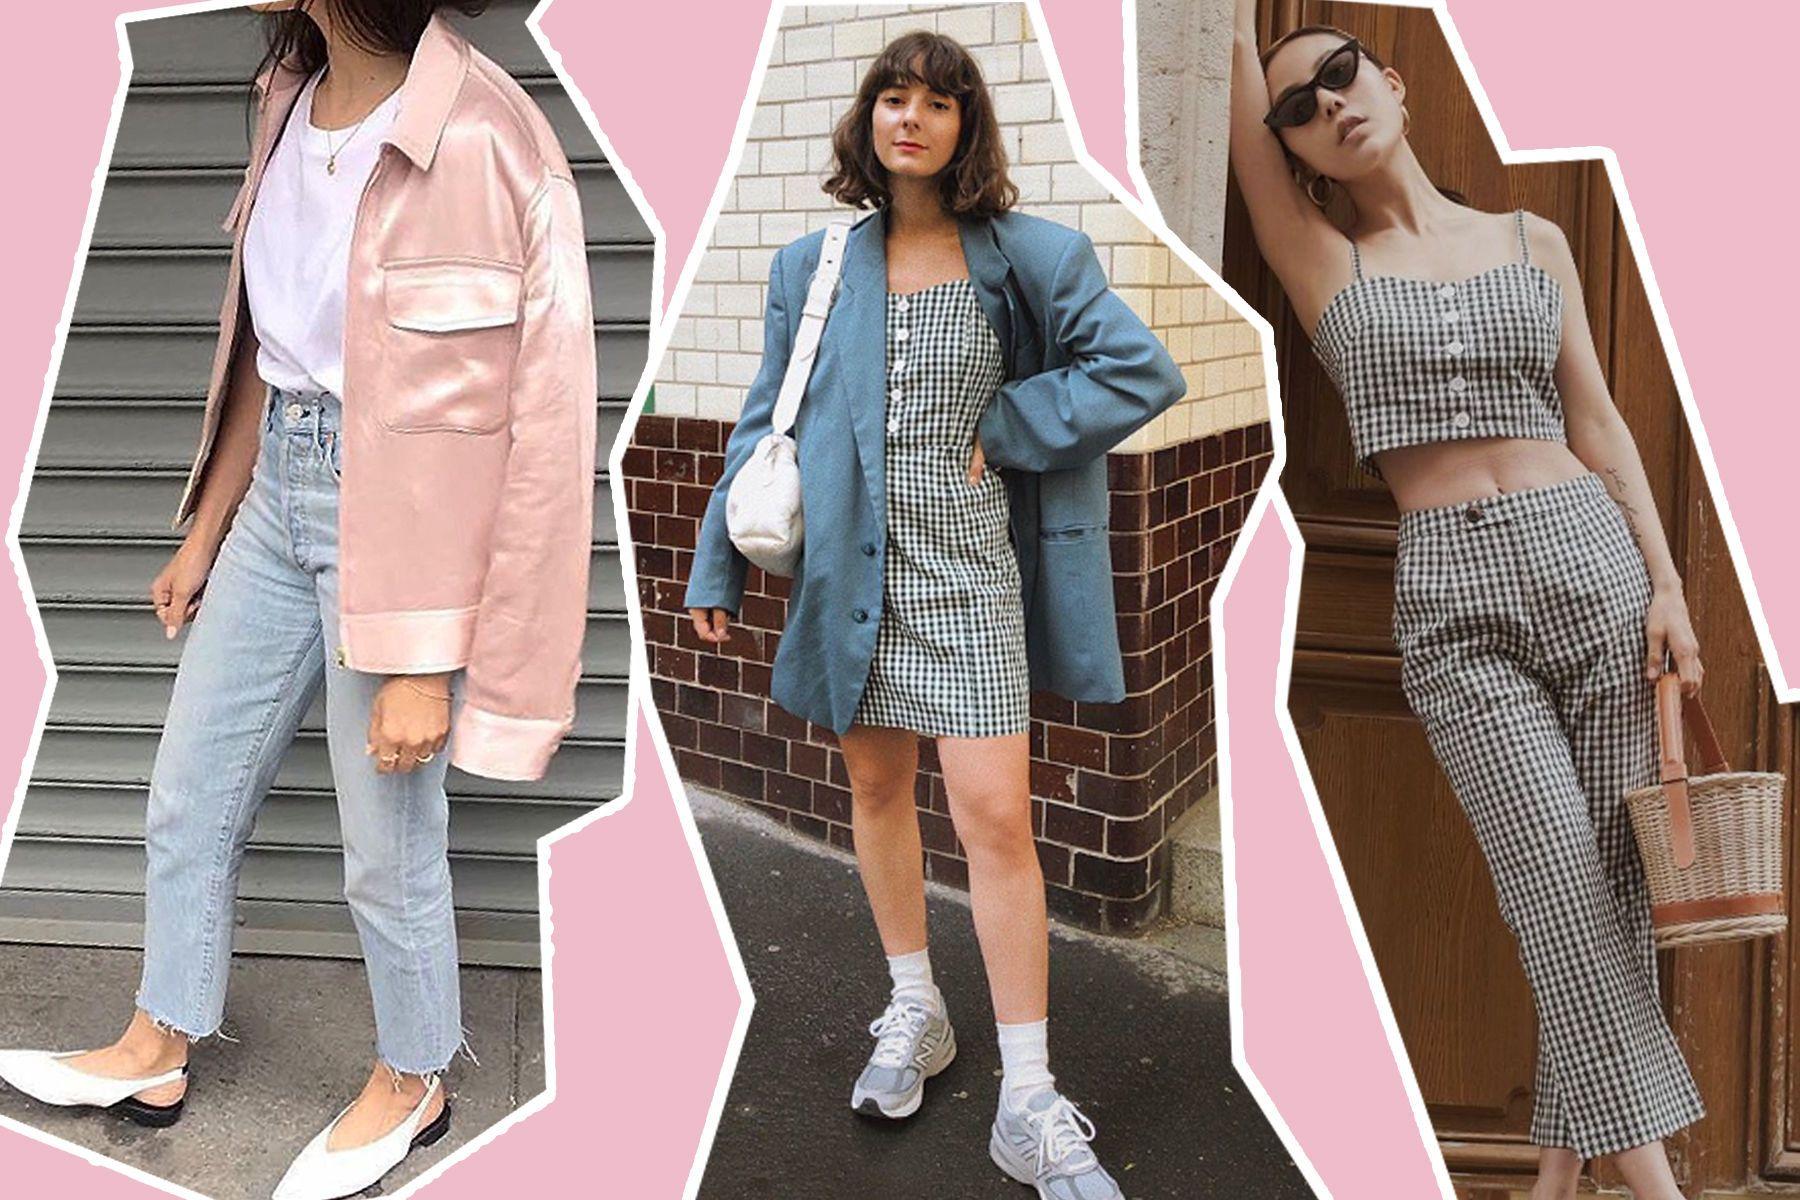 Die Besten Onlineshops Fur Kleine Frauen In 2020 Kleidung Fur Kleine Frauen Mode Fur Kleine Frauen Modetrends Kleine Frauen